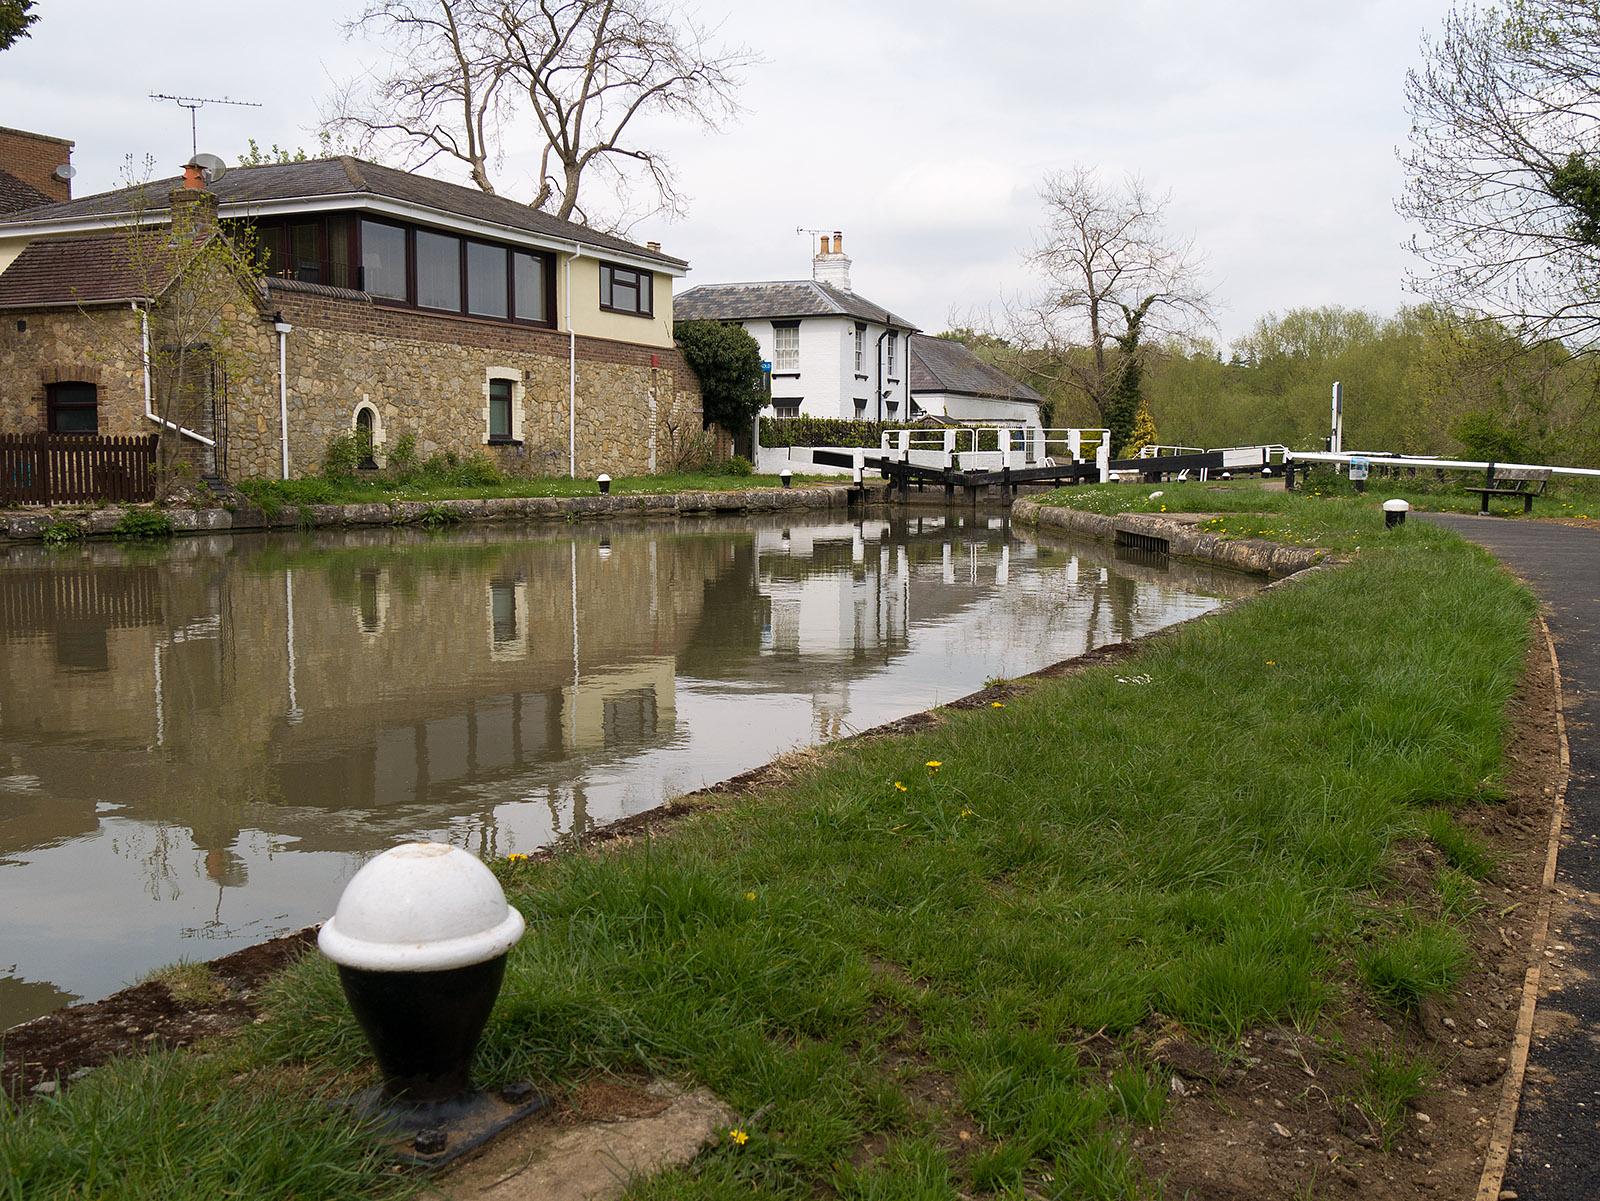 Leighton lock